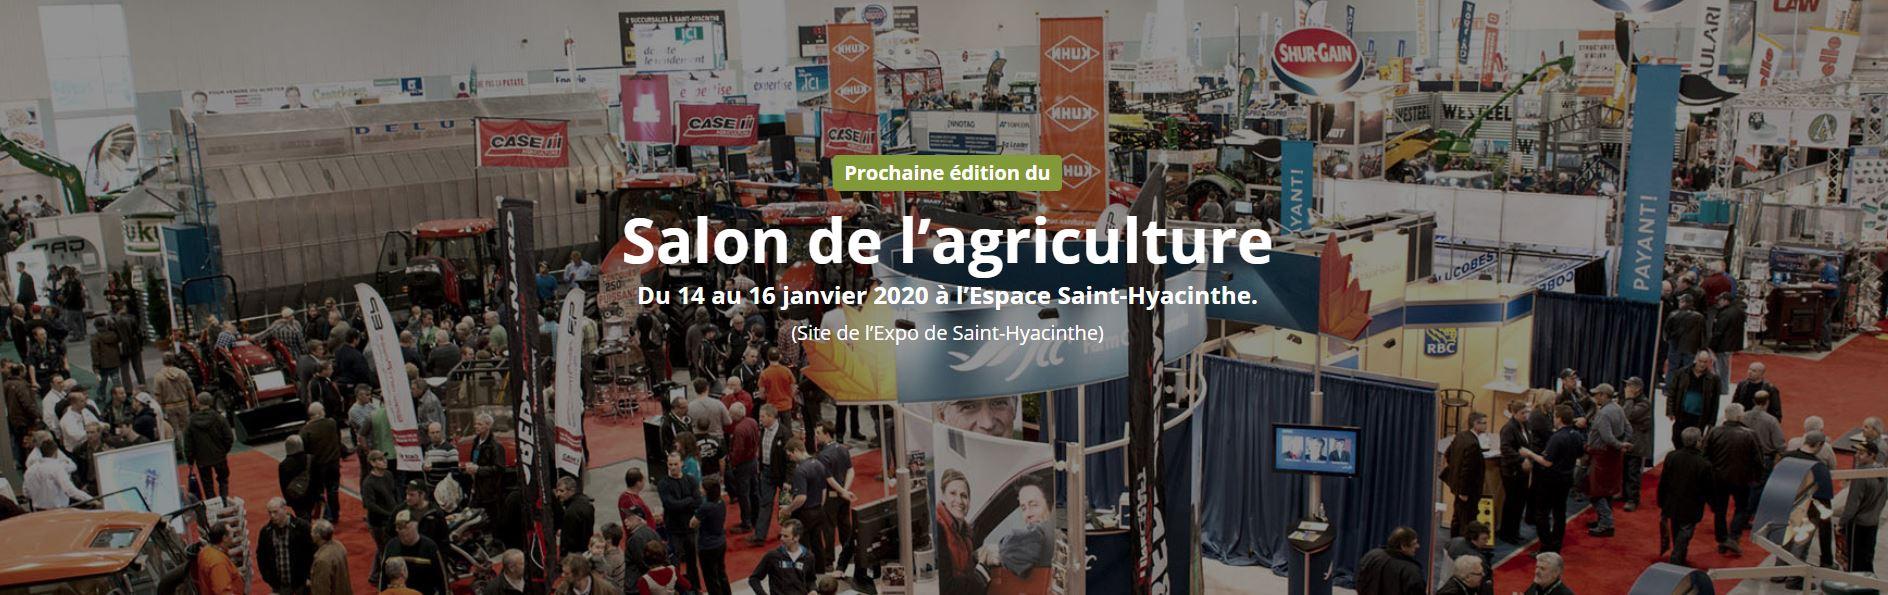 Salon de l'Agriculture St-Hyacinthe 2020